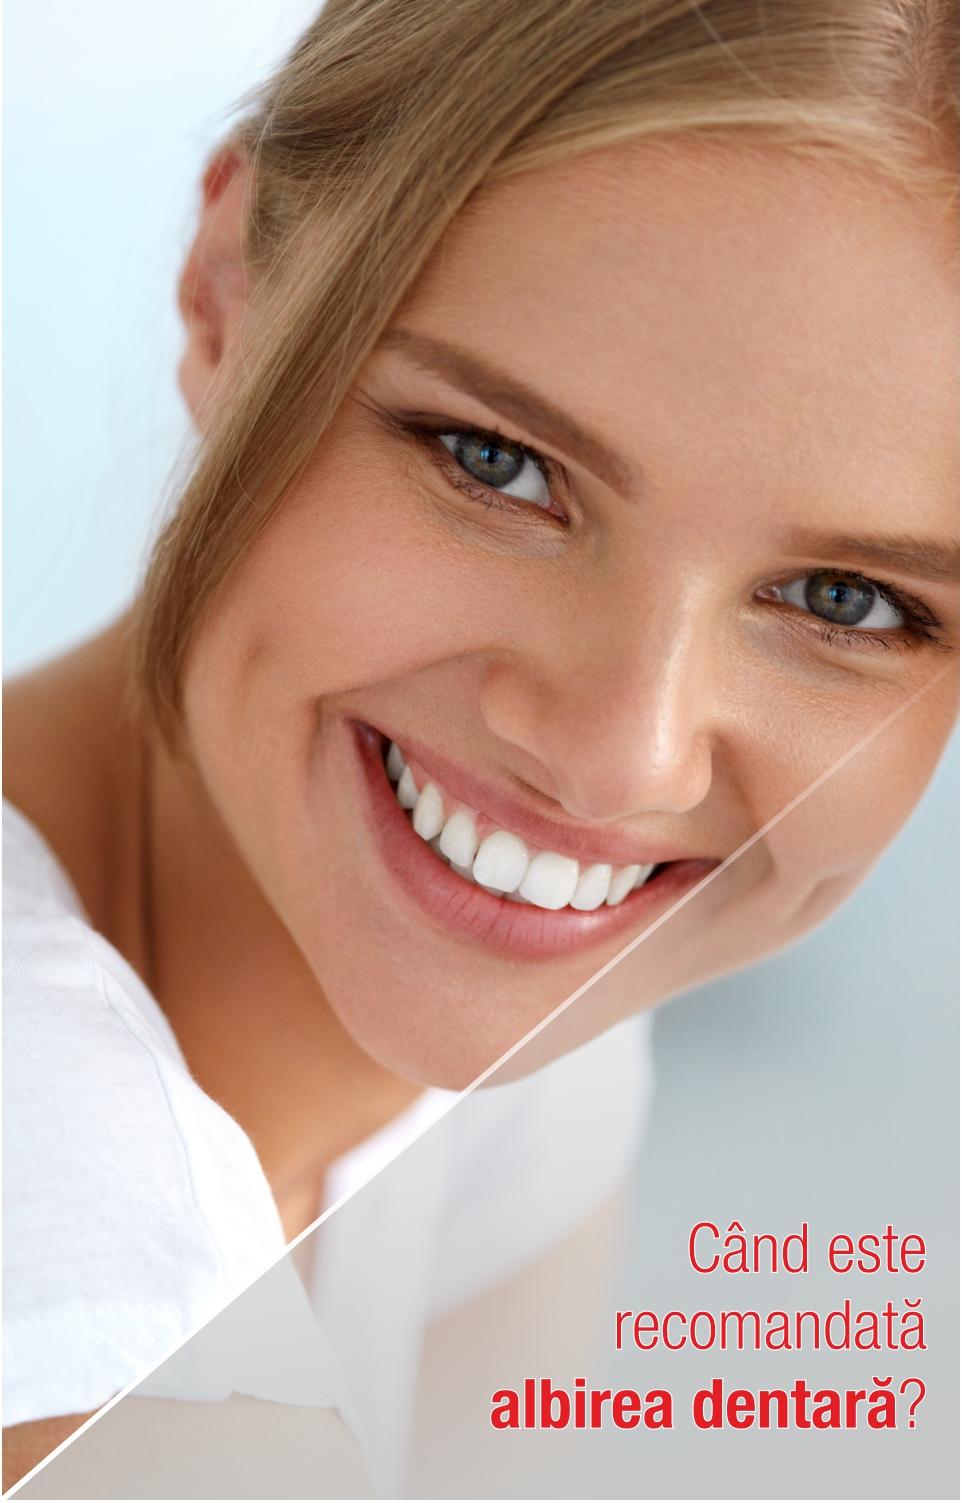 Albirea dentară: tot ceea ce trebuie să știi